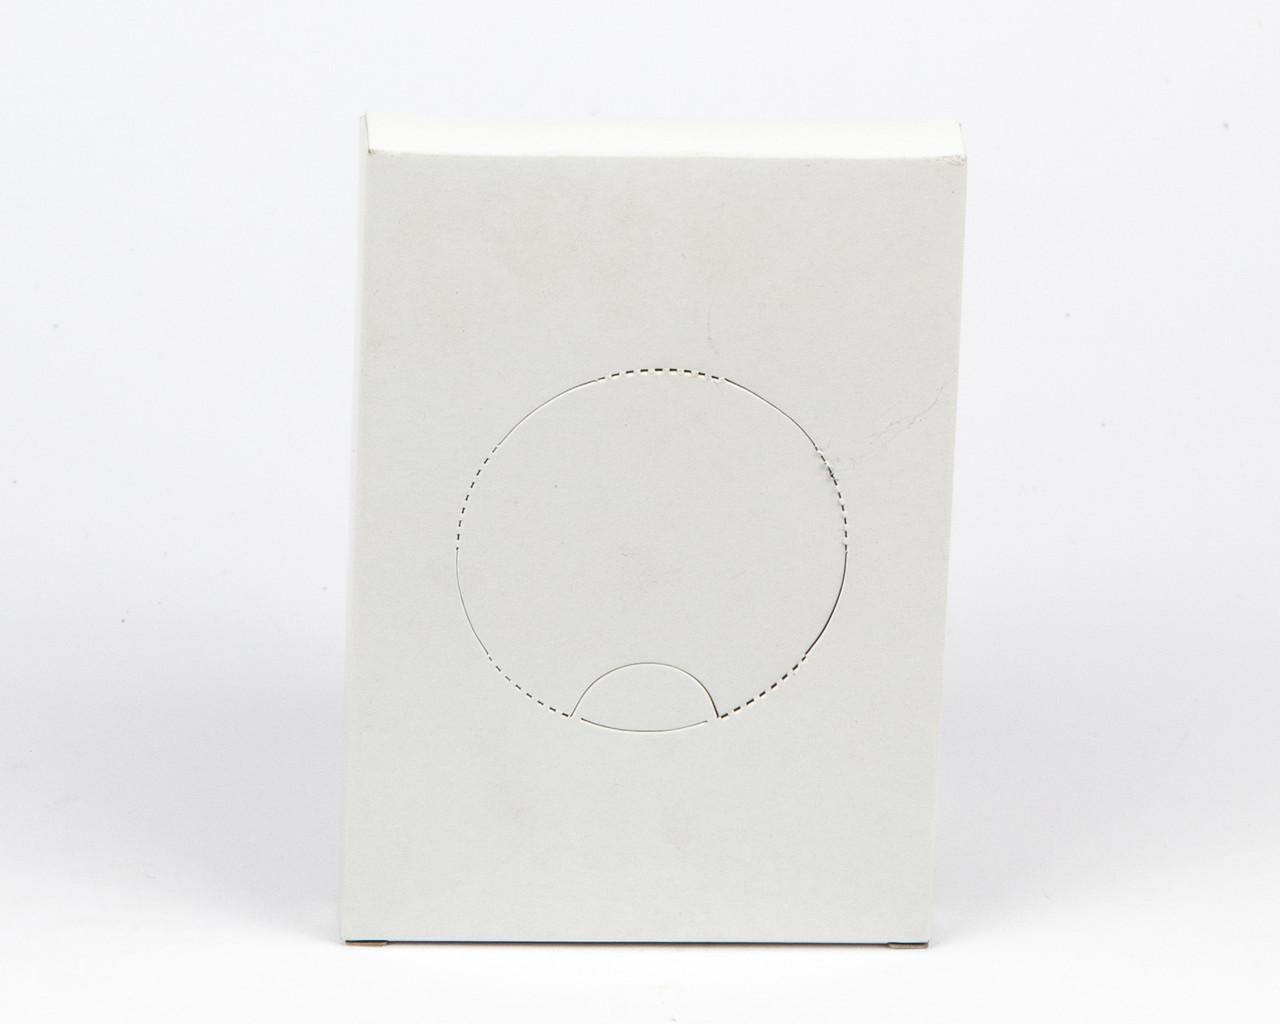 Мішки для гігієнічних пакетів, 25 шт, PRO3